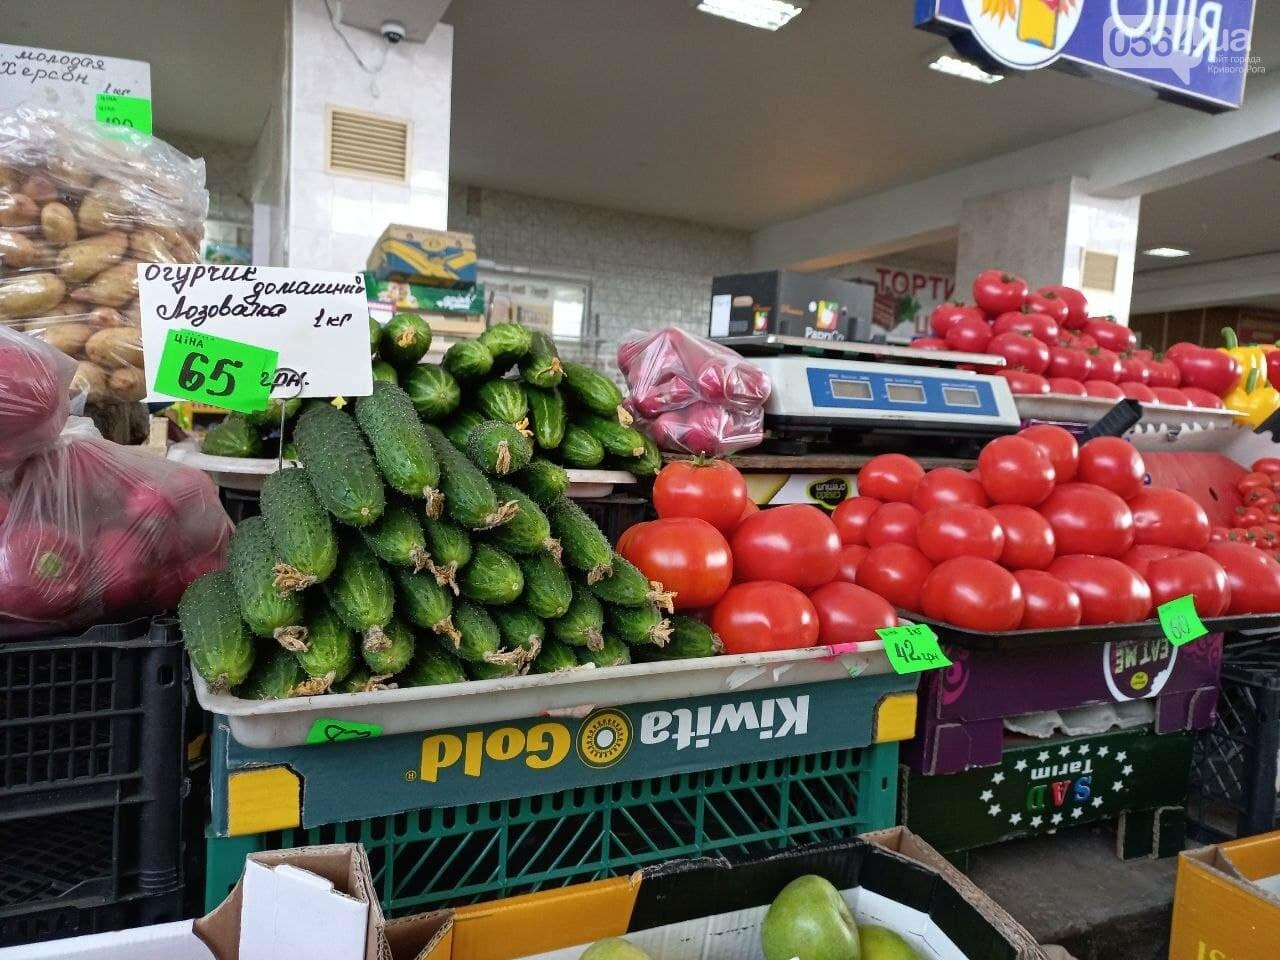 Пасхальная корзина 2021: сколько стоит традиционный праздничный набор продуктов в Кривом Роге, - ФОТО, фото-10